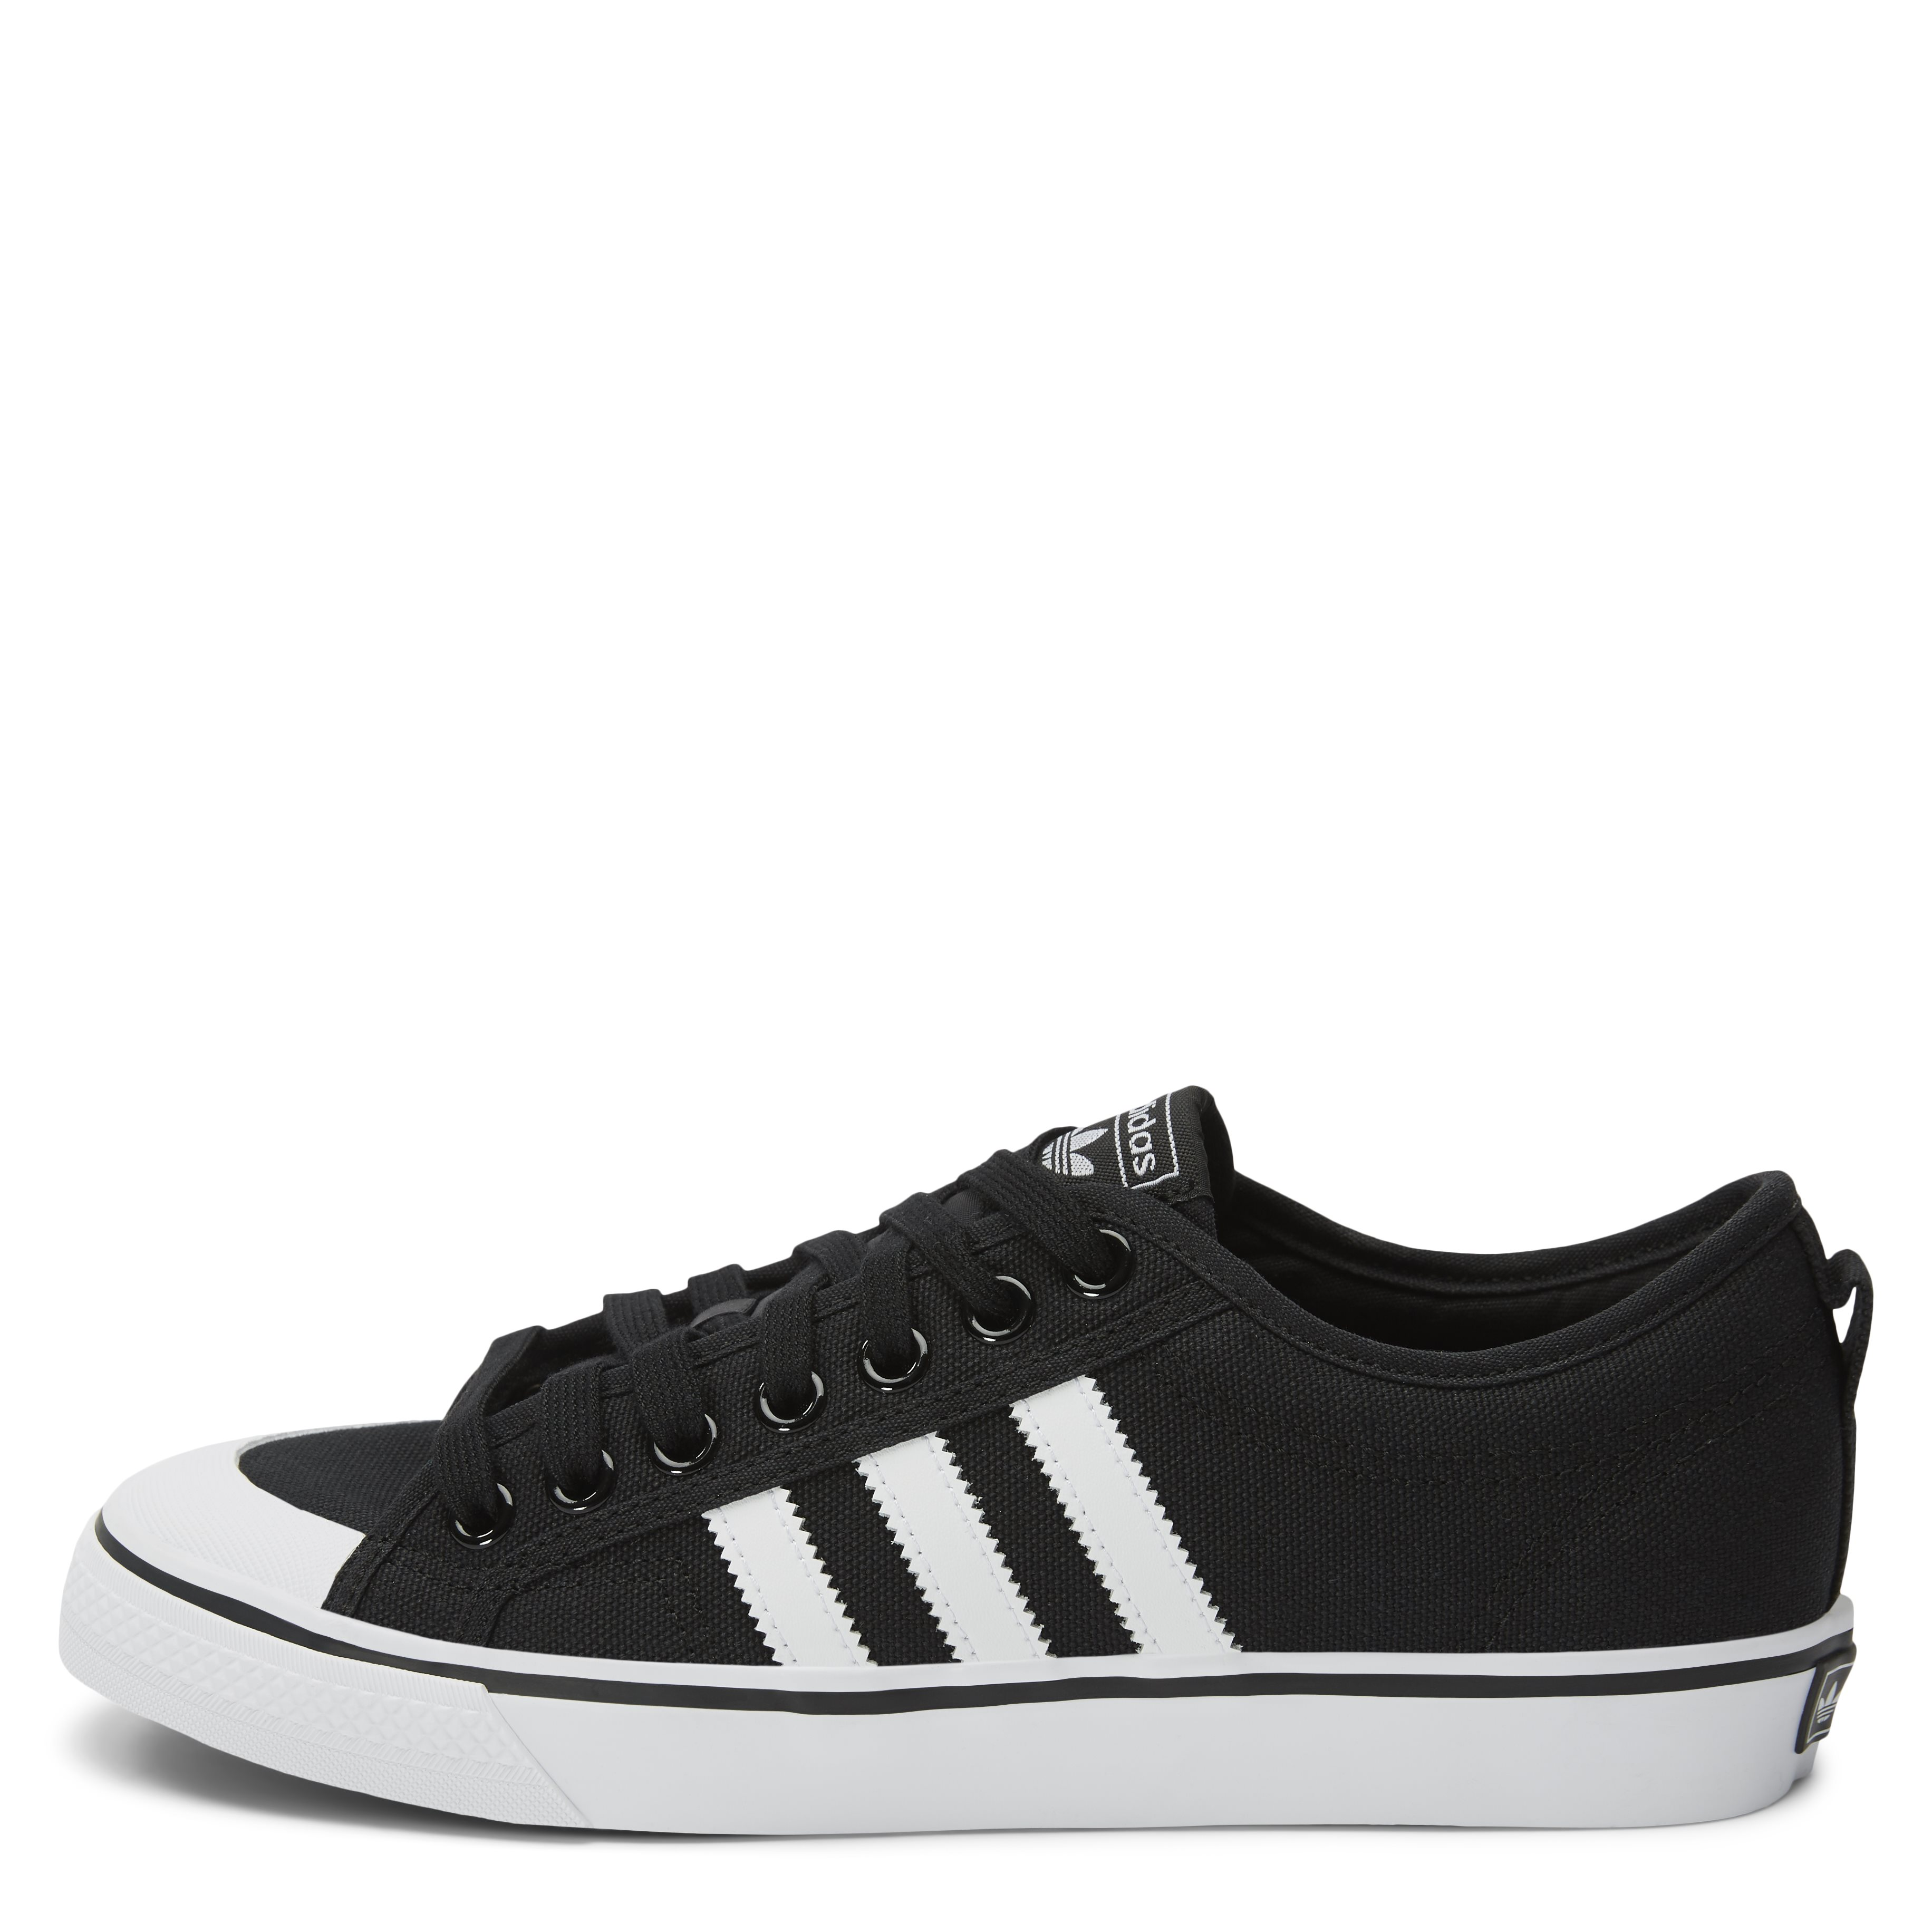 Nizza Sneaker - Sko - Sort